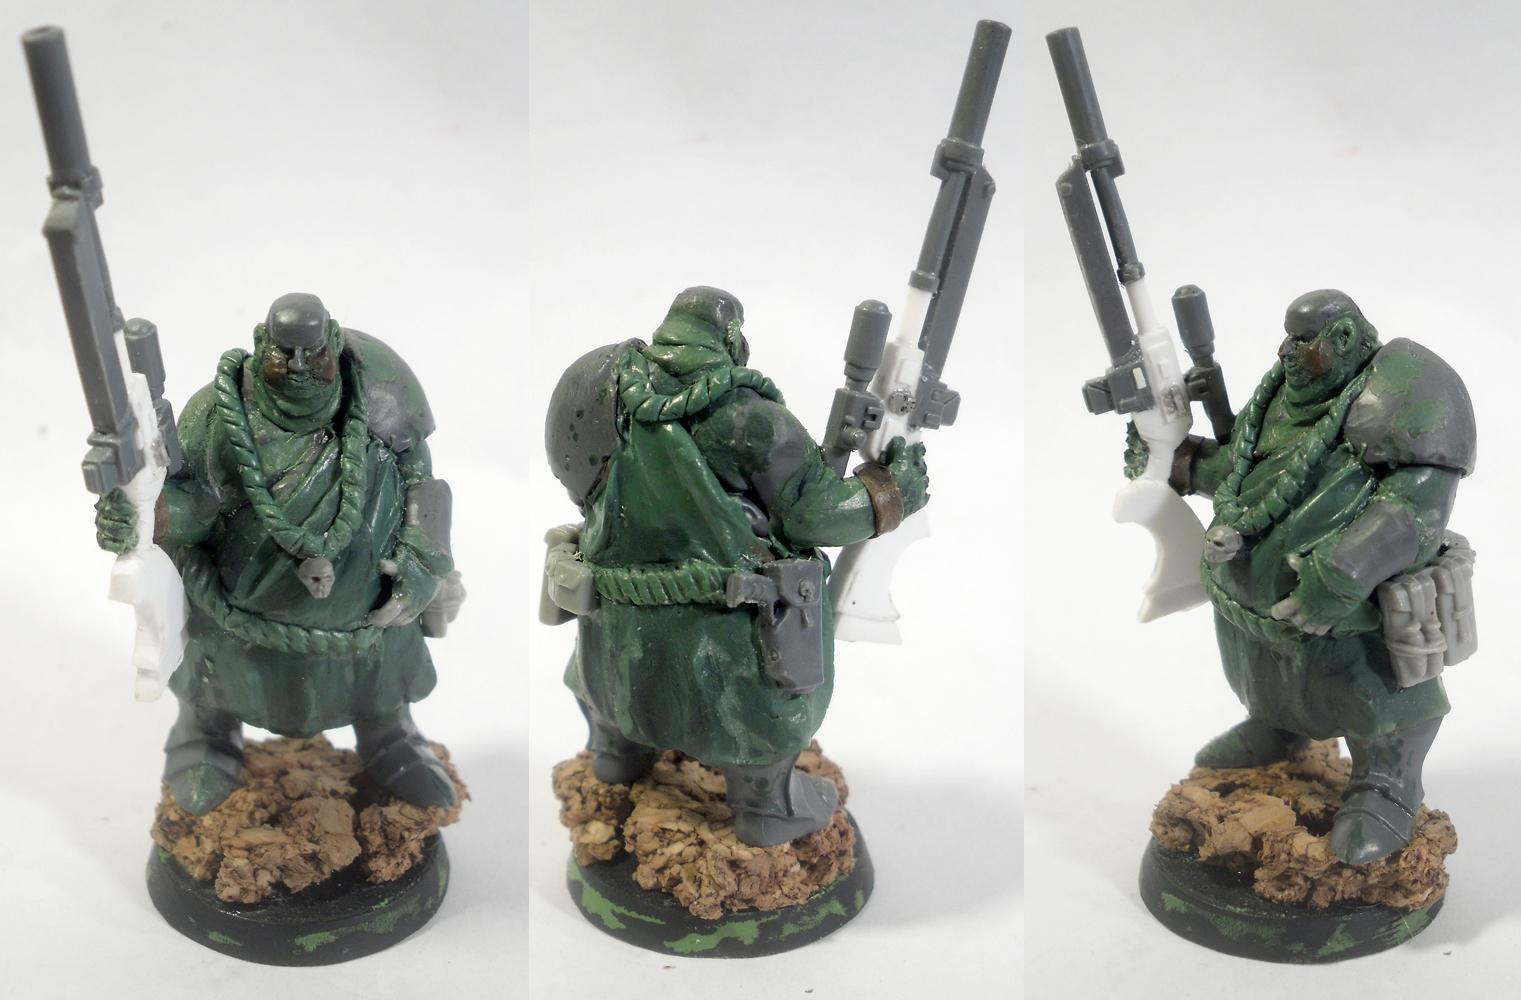 Imperial Cult, Inq28, Inquisimunda, Monk, Sharpshooter, Snipers